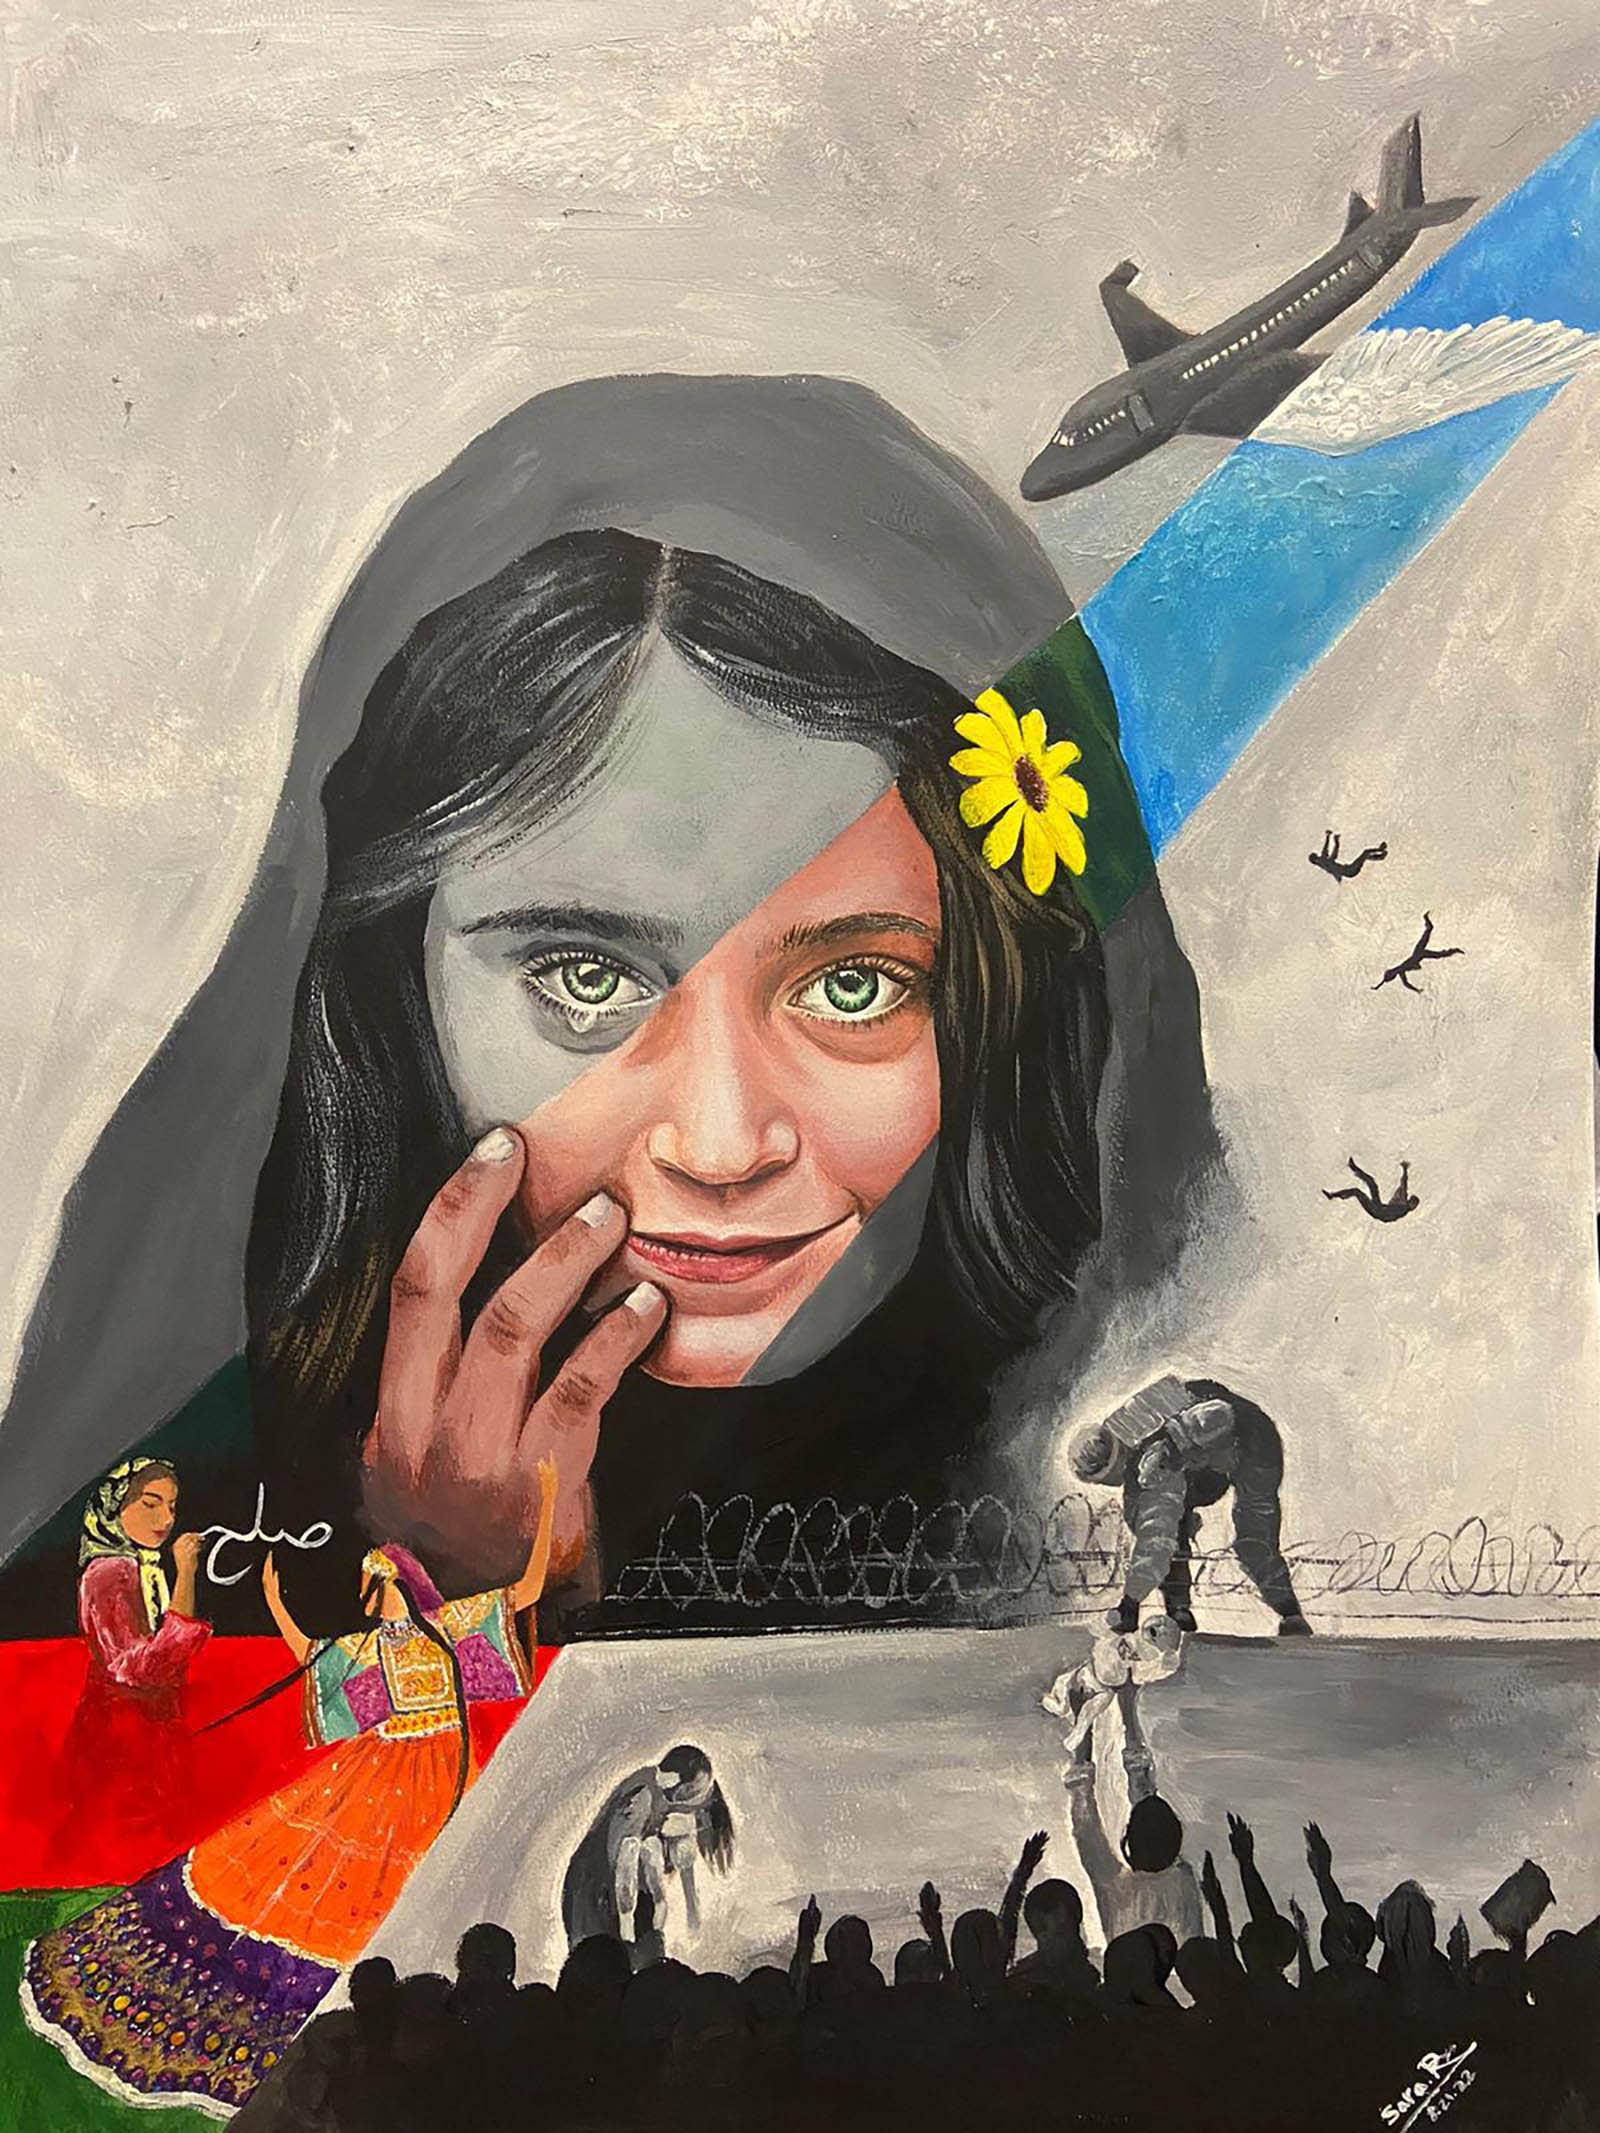 فنانة أفغانية شابة تخلد مشاهد مؤلمة عن سقوط وطنها في أيدي طالبان